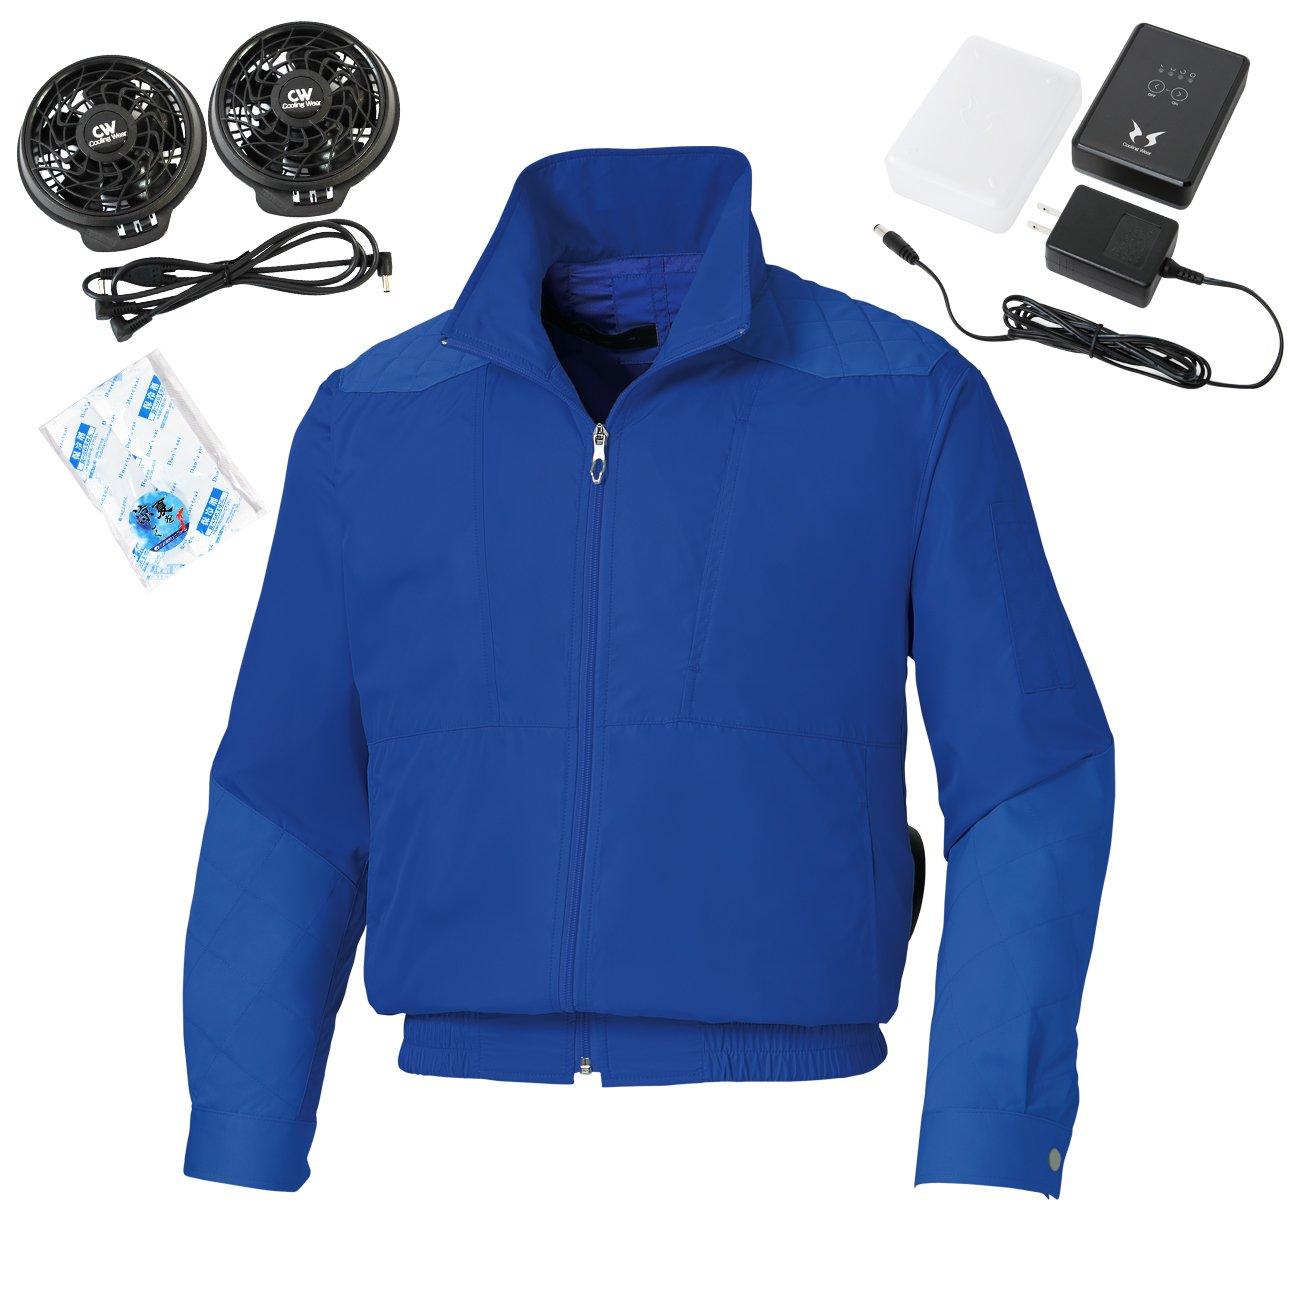 空調服 作業服 空調風神服 サンエス 肩パット付 チタン加工 長袖ブルゾン(2018年新型ファン+日本製リチウムイオンバッテリーセット/保冷剤2個付)<099-KU92204H> B06Y4S493Q 3L|4-ブルー 4-ブルー 3L